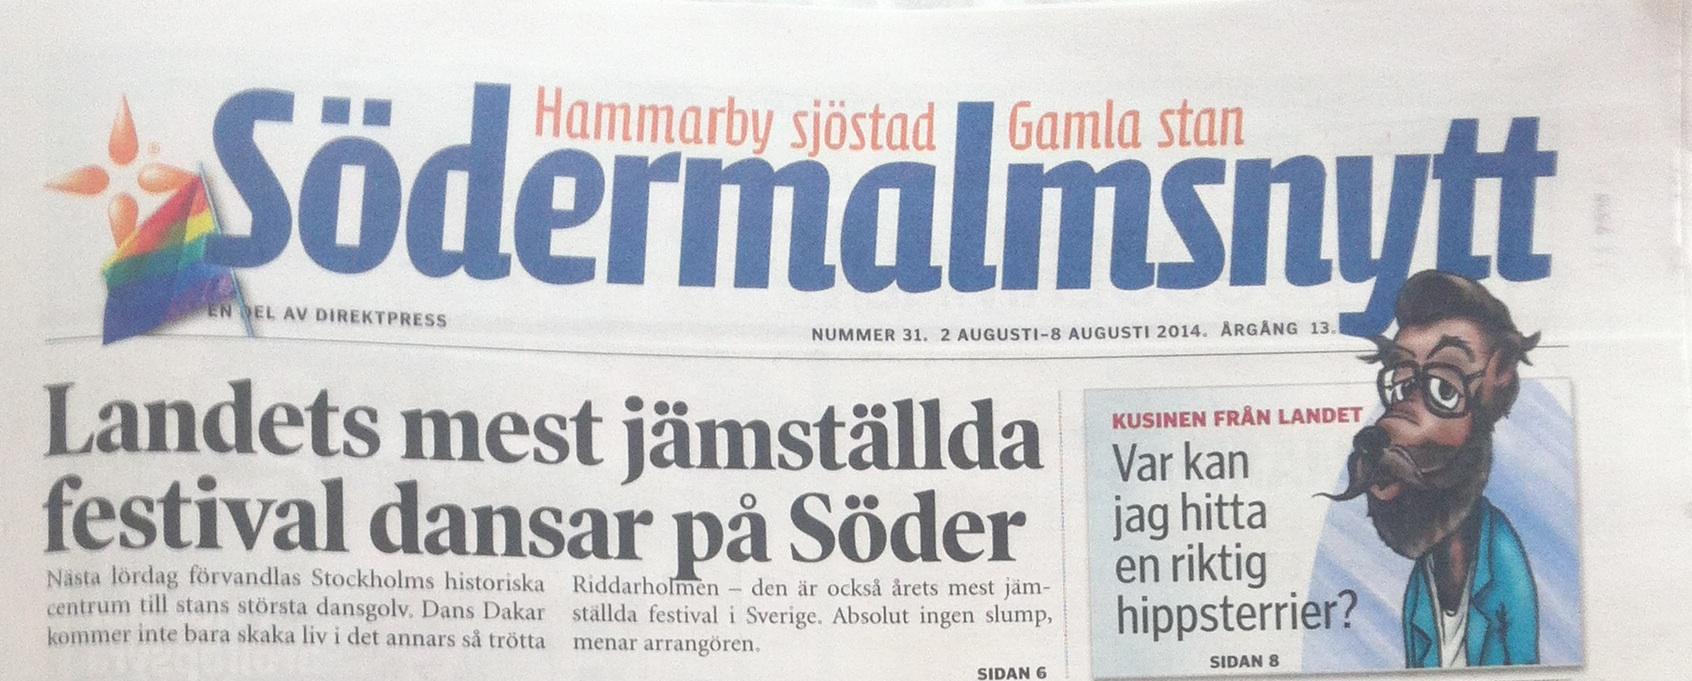 Södermalmsnytt-framsida-DD-2014.jpg